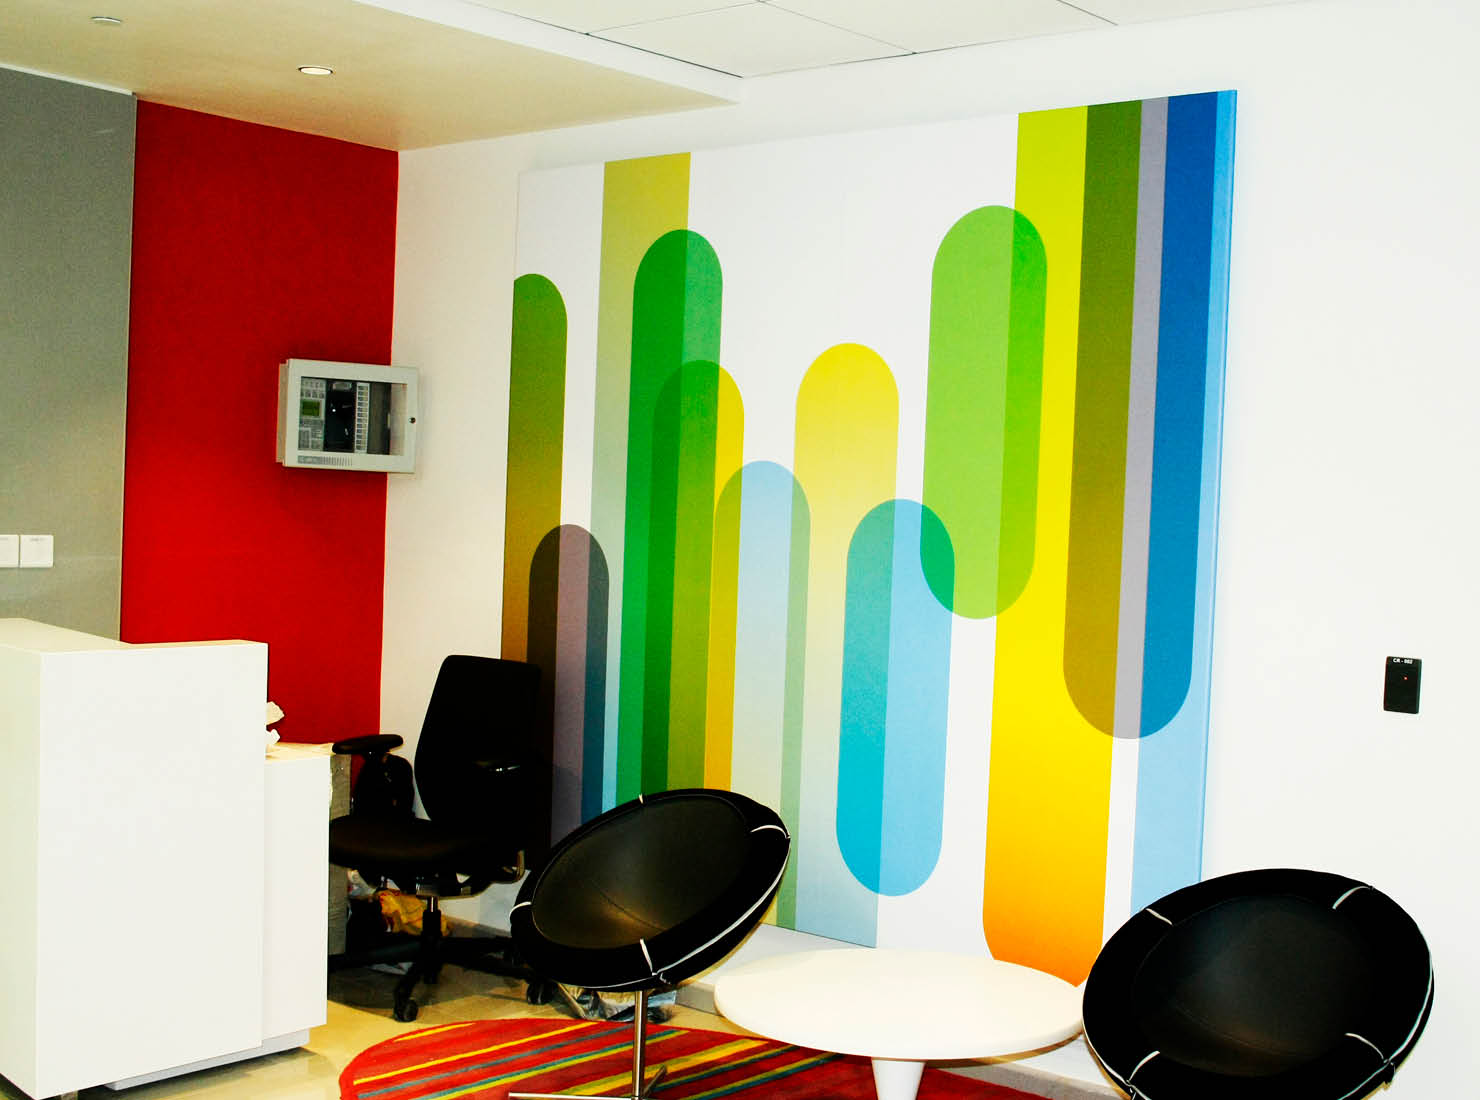 Technology Rezonant Design Cisco Chennai Impact 17